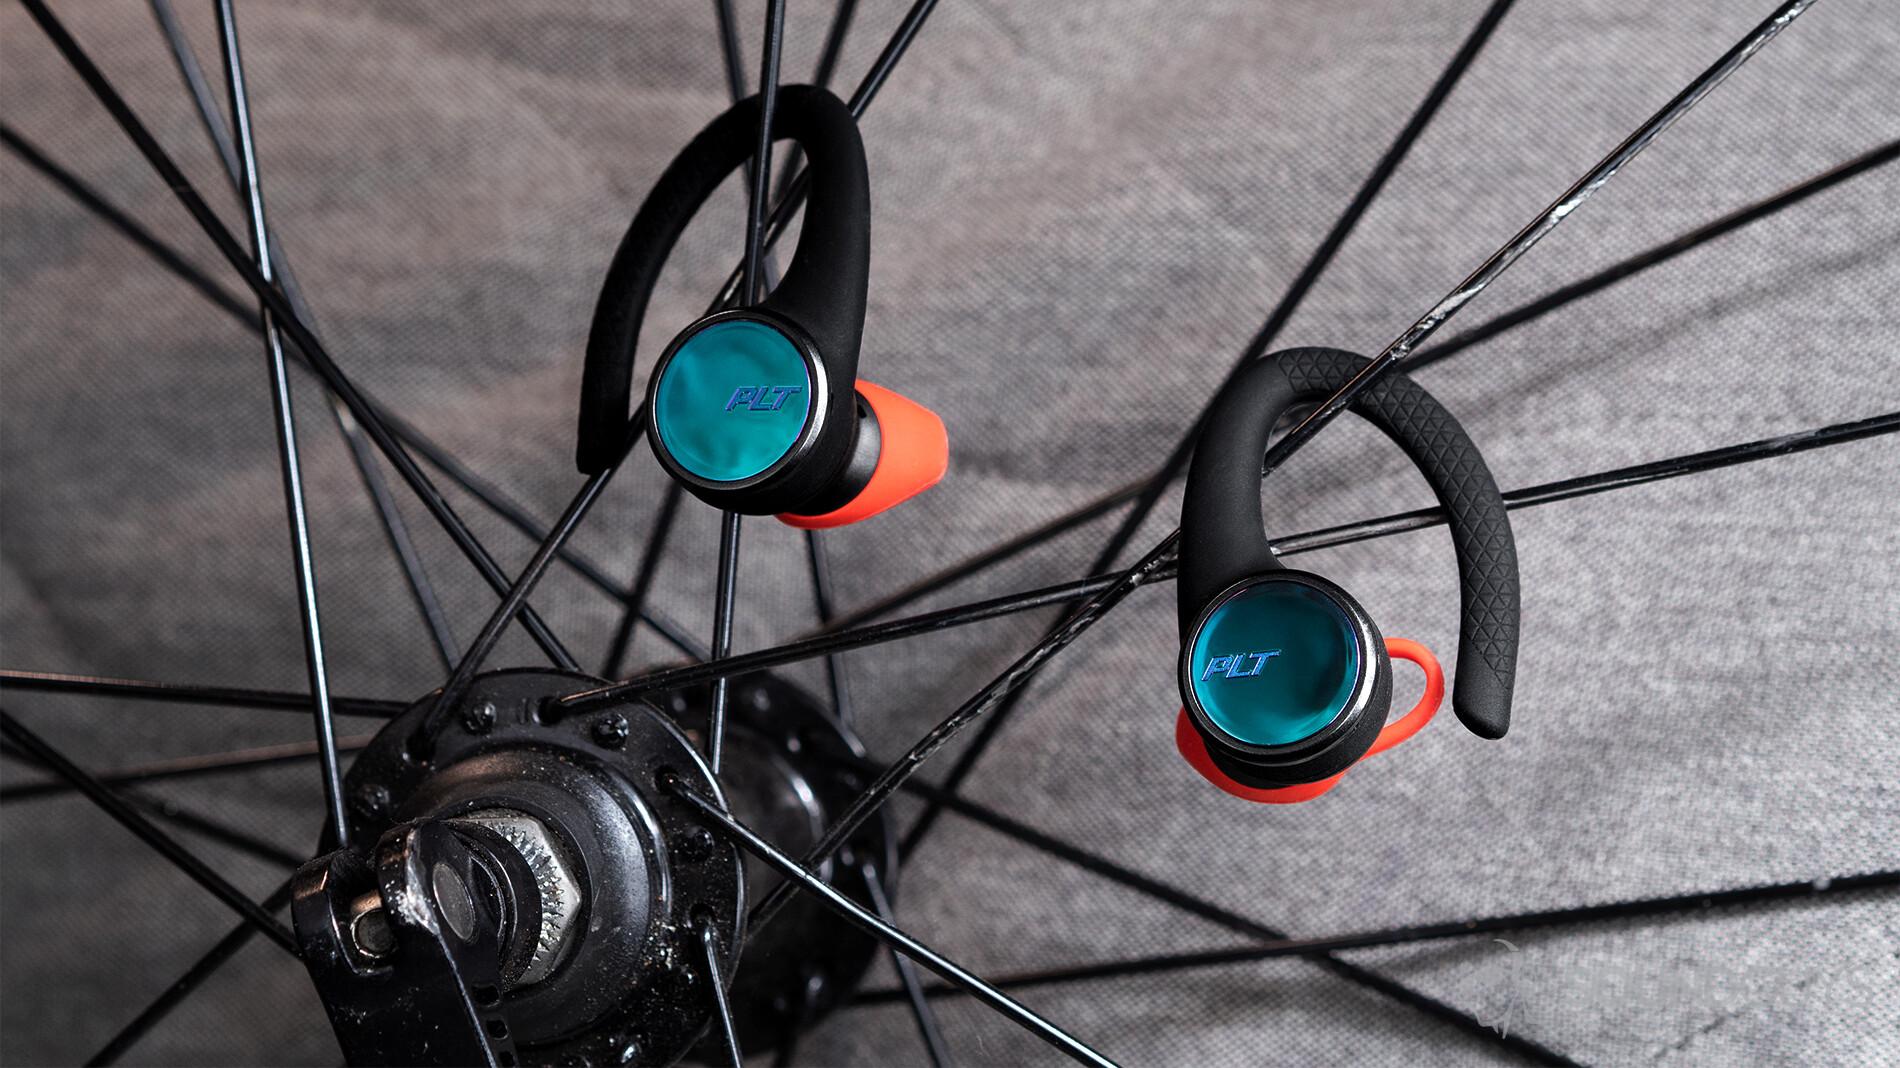 Plantronics BackBeat Fit 3100 earbuds on bike spokes.